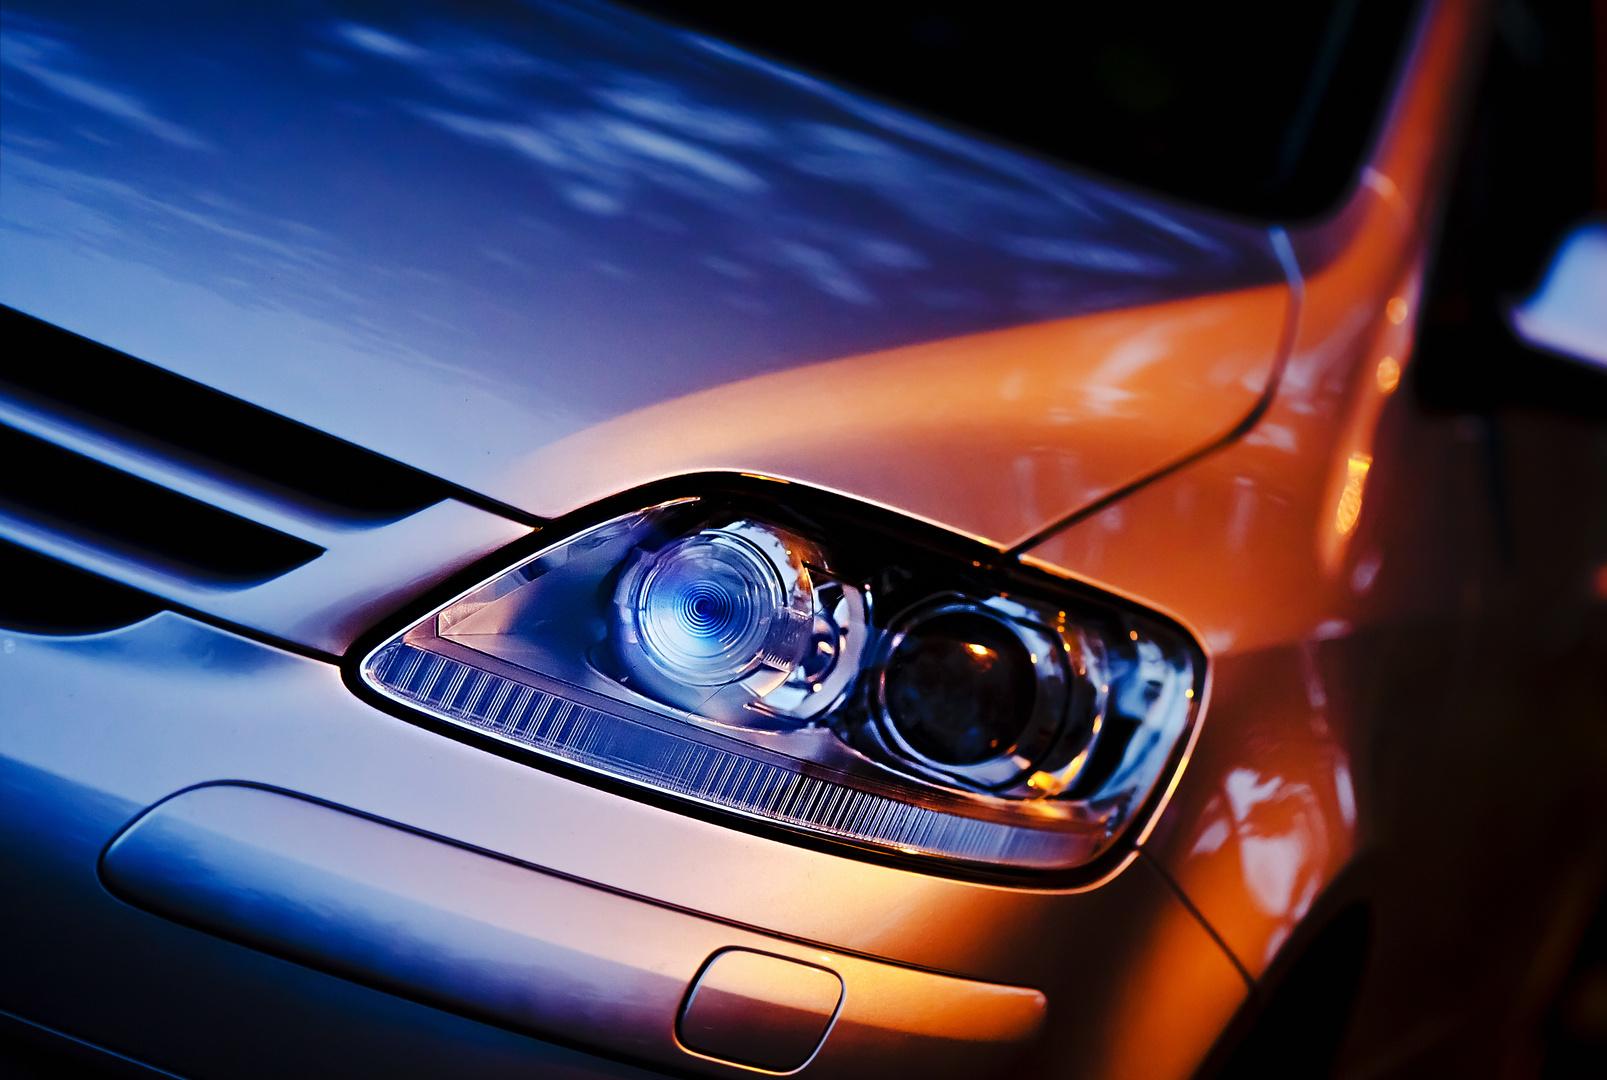 Scheinwerfer des VW Golf